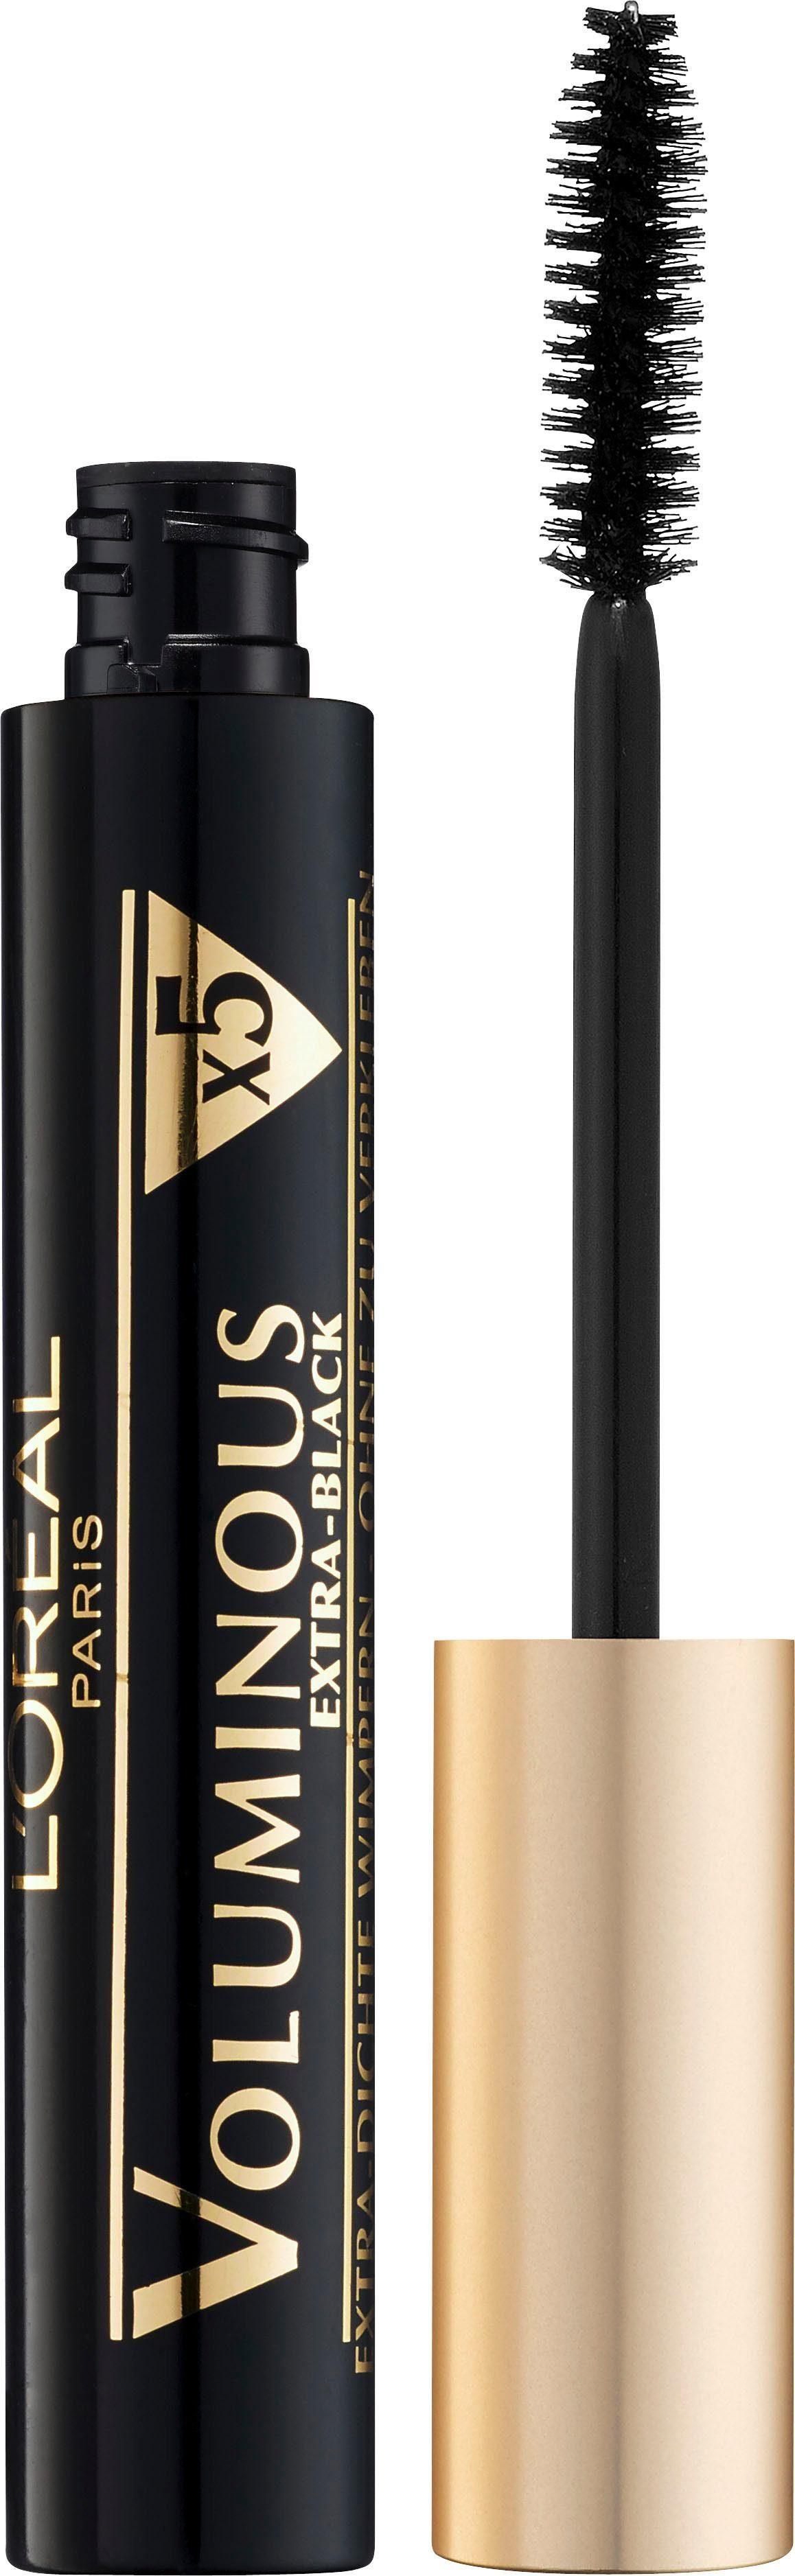 L'Oréal Paris, »Voluminous Mascara Extra Black«, Mascara